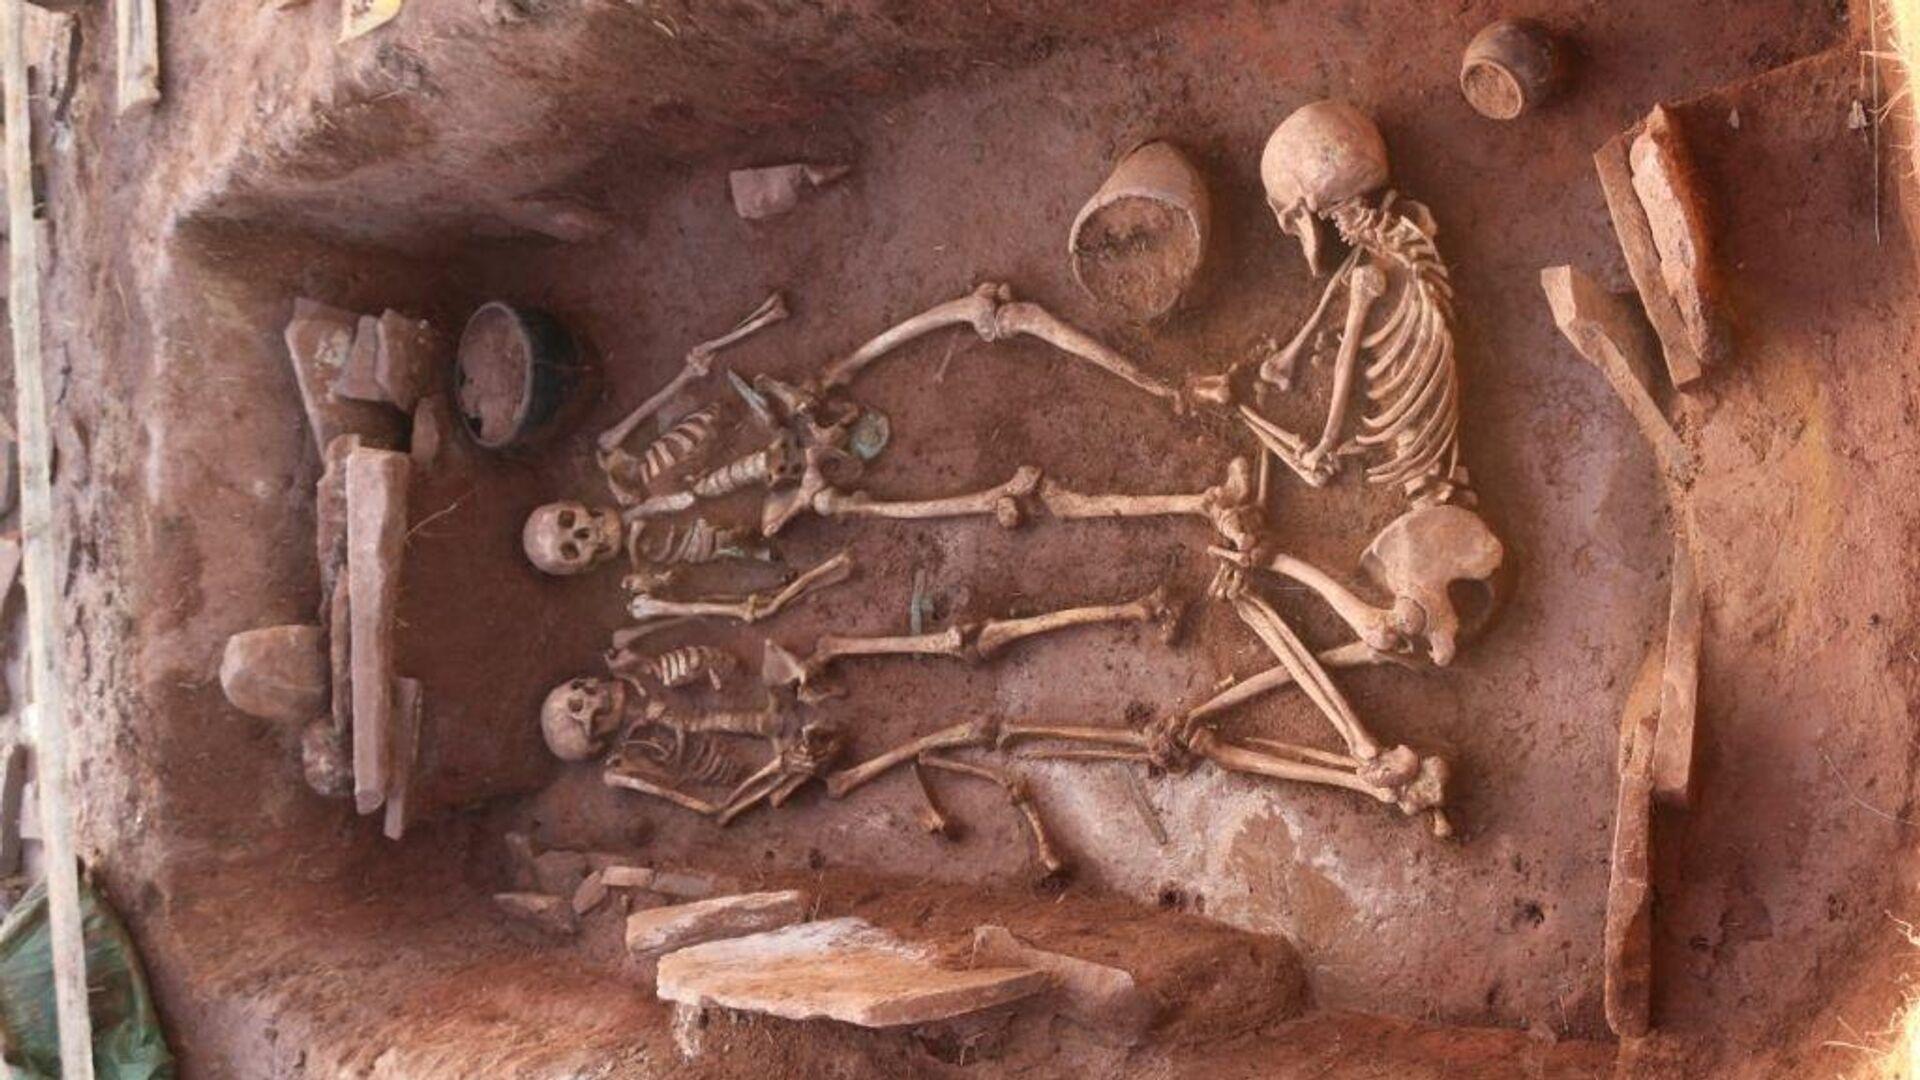 Сибирские археологи нашли в Хакасии нетронутый могильник скифского времени - РИА Новости, 1920, 23.09.2020